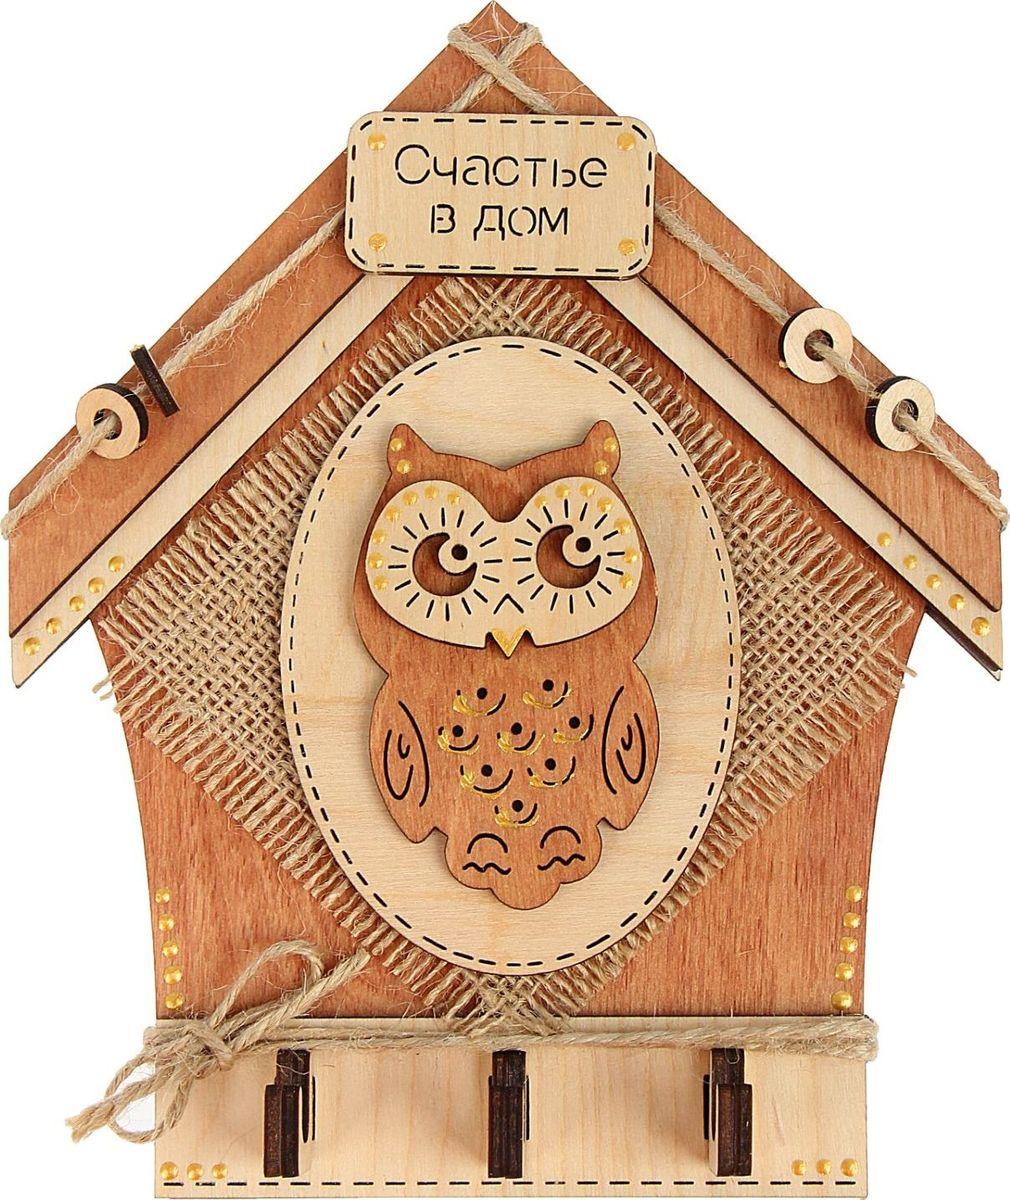 Ключница настенная Канышевы Счастье в дом, 17 х 20 см1409849Благодаря оригинальным ключницам эксклюзивного дизайна, вы никогда не потеряете свои ключи. Ключница выполнена из качественной фанеры с объёмным декором, такой дизайн несомненно украсит интерьер прихожей. Она имеет особый стиль для защиты и привлечение удачи в дом. На деревянную основу надежно крепятся крючки, а сама ключница легко монтируется на стену. Украсьте свой дом красивыми и функциональными мелочами!